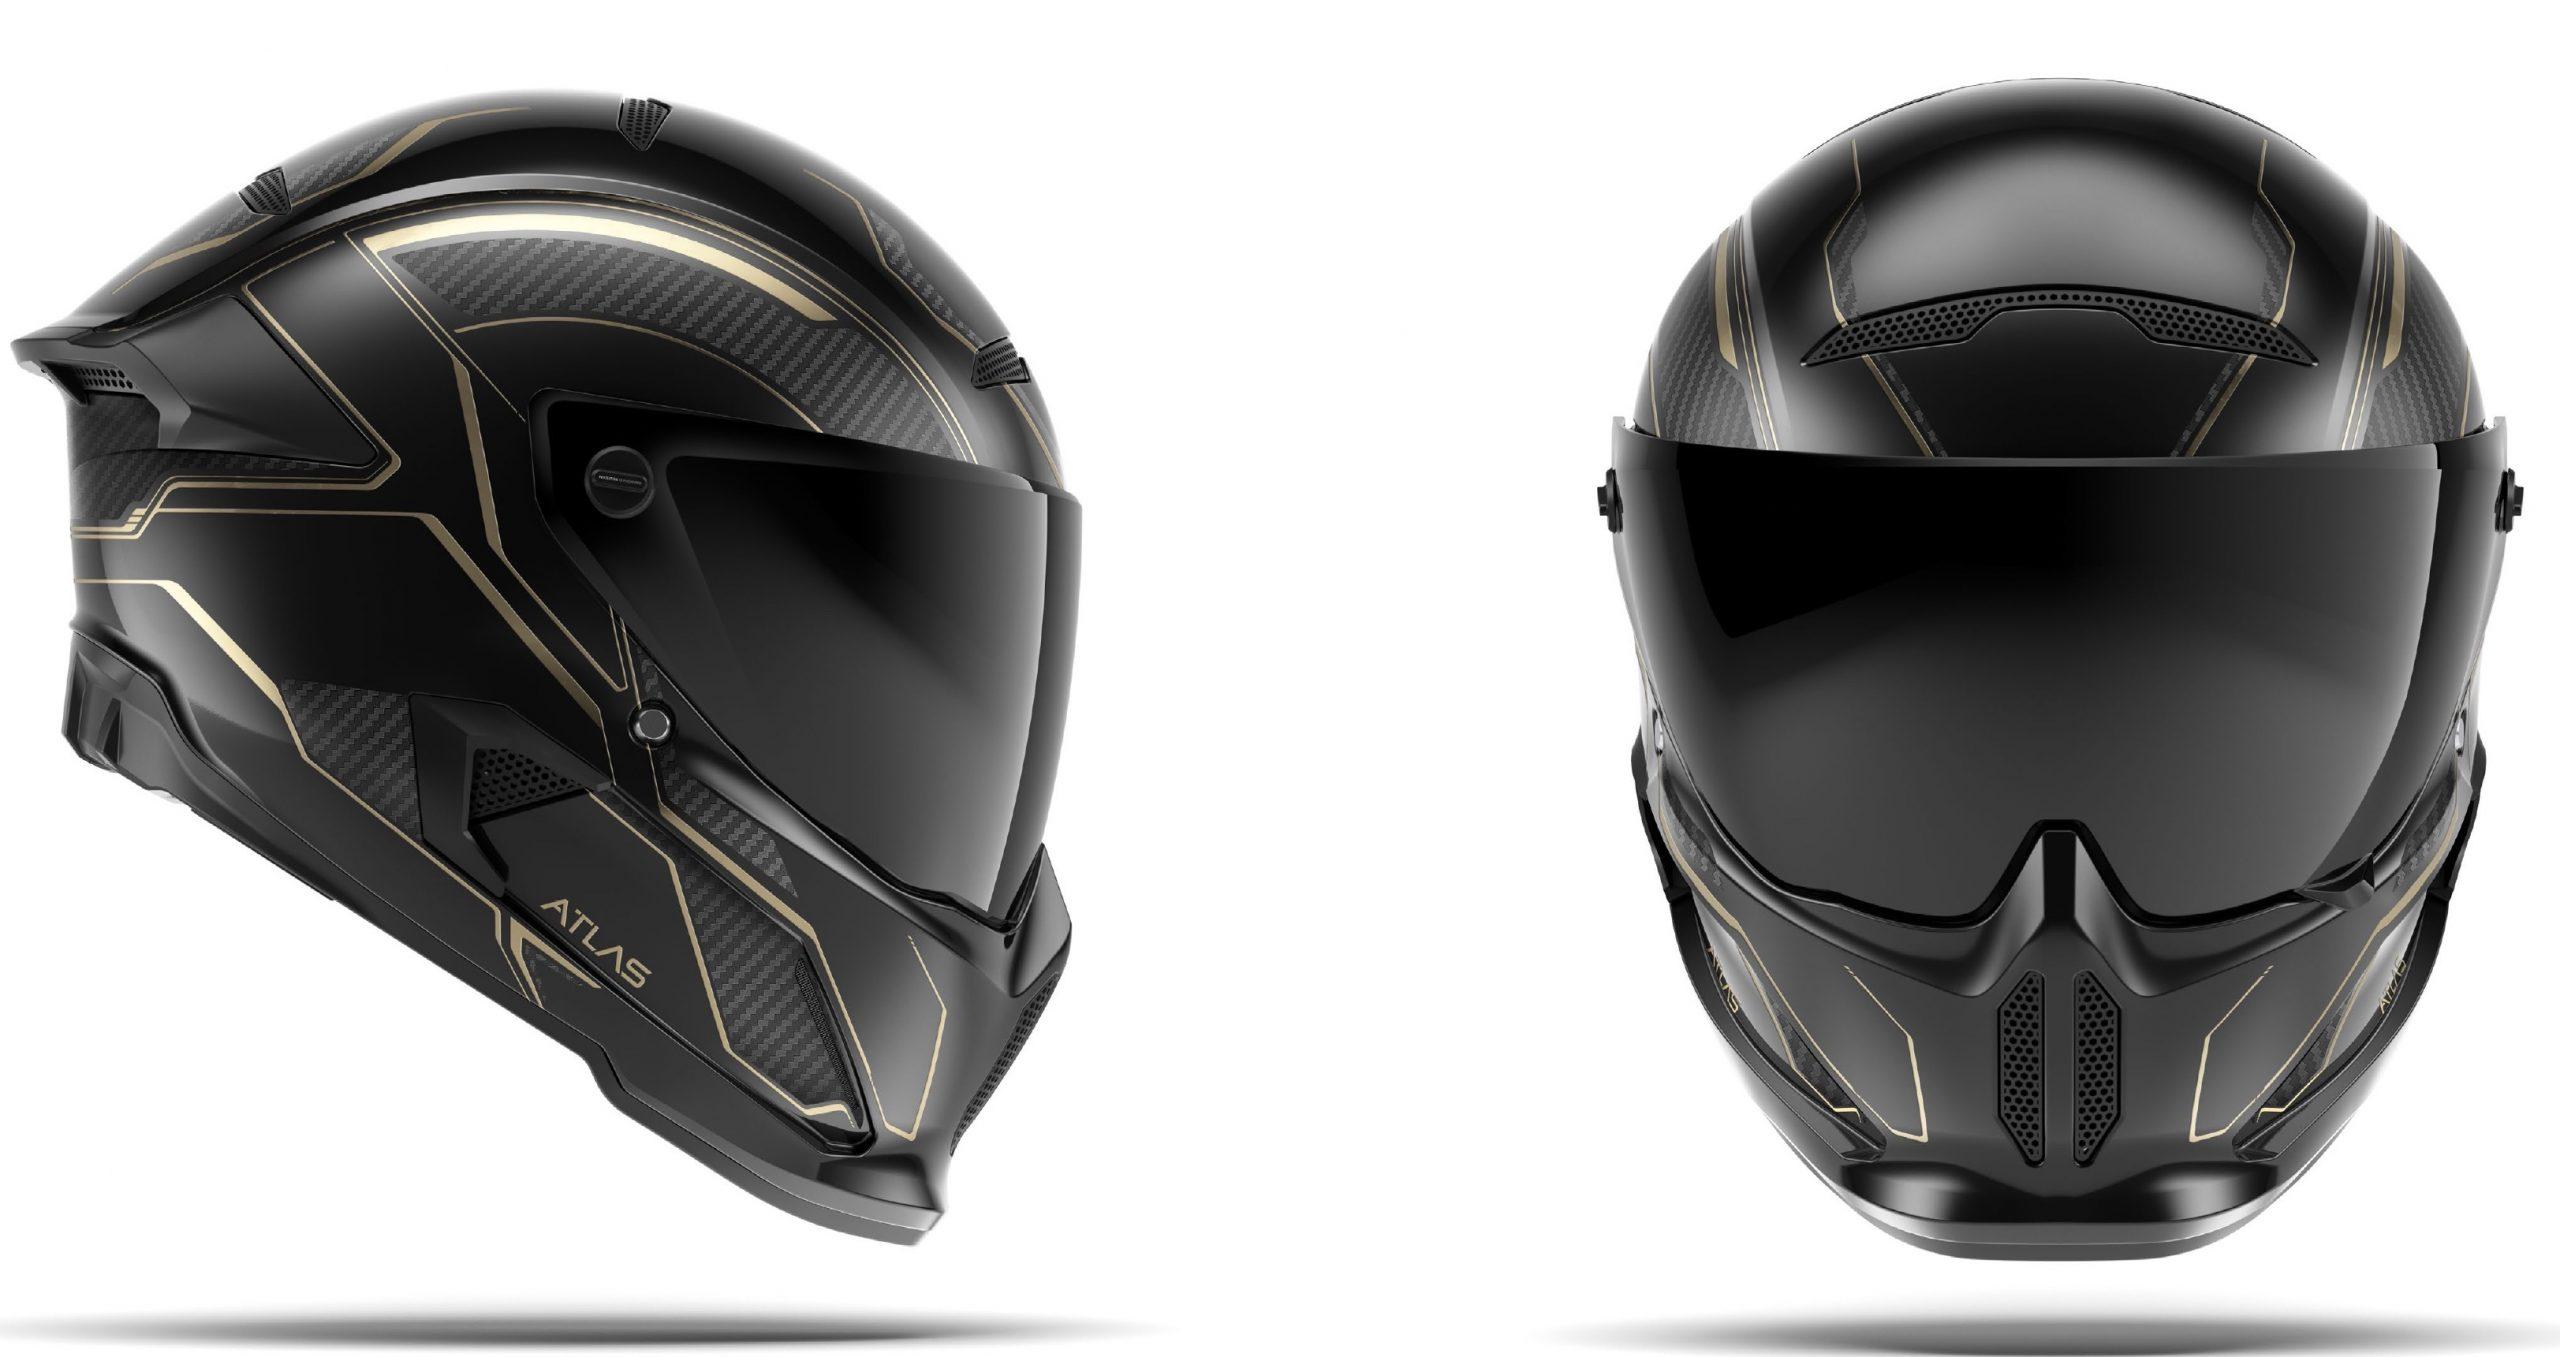 Ruroc Atlas 3.0 helmet